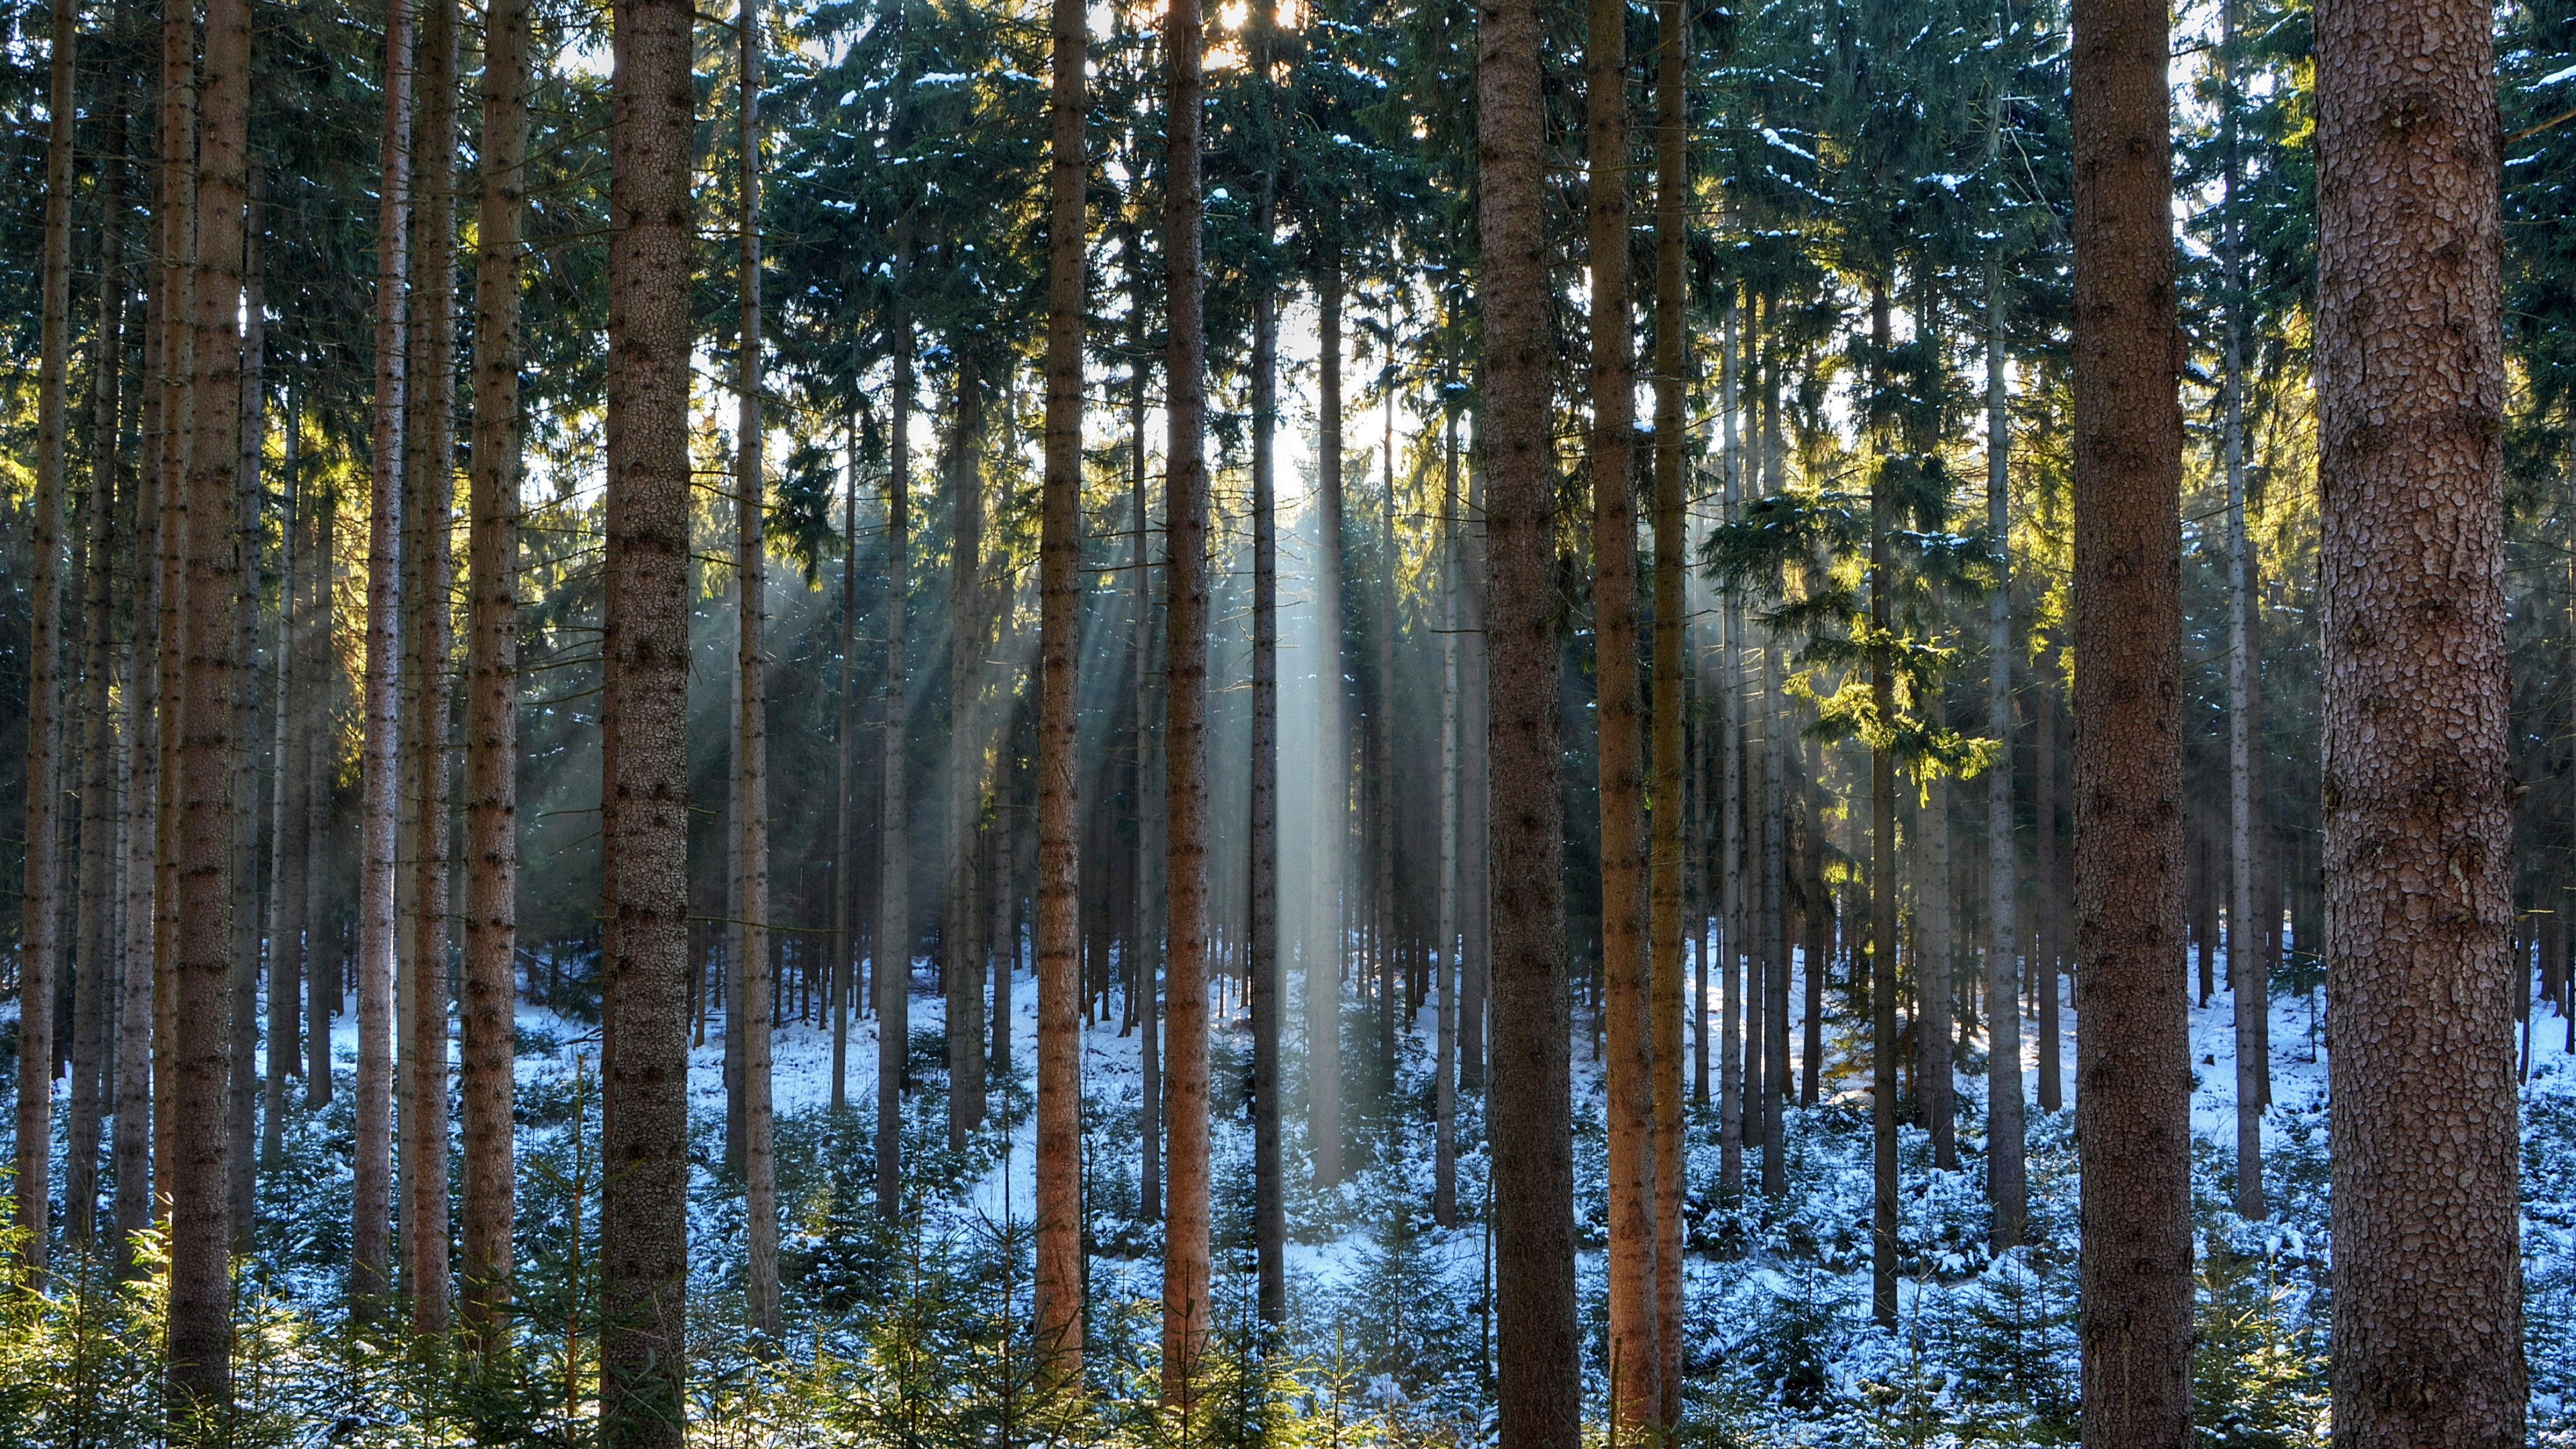 Fondos de pantalla Luz del sol a través de pinos en el bosque